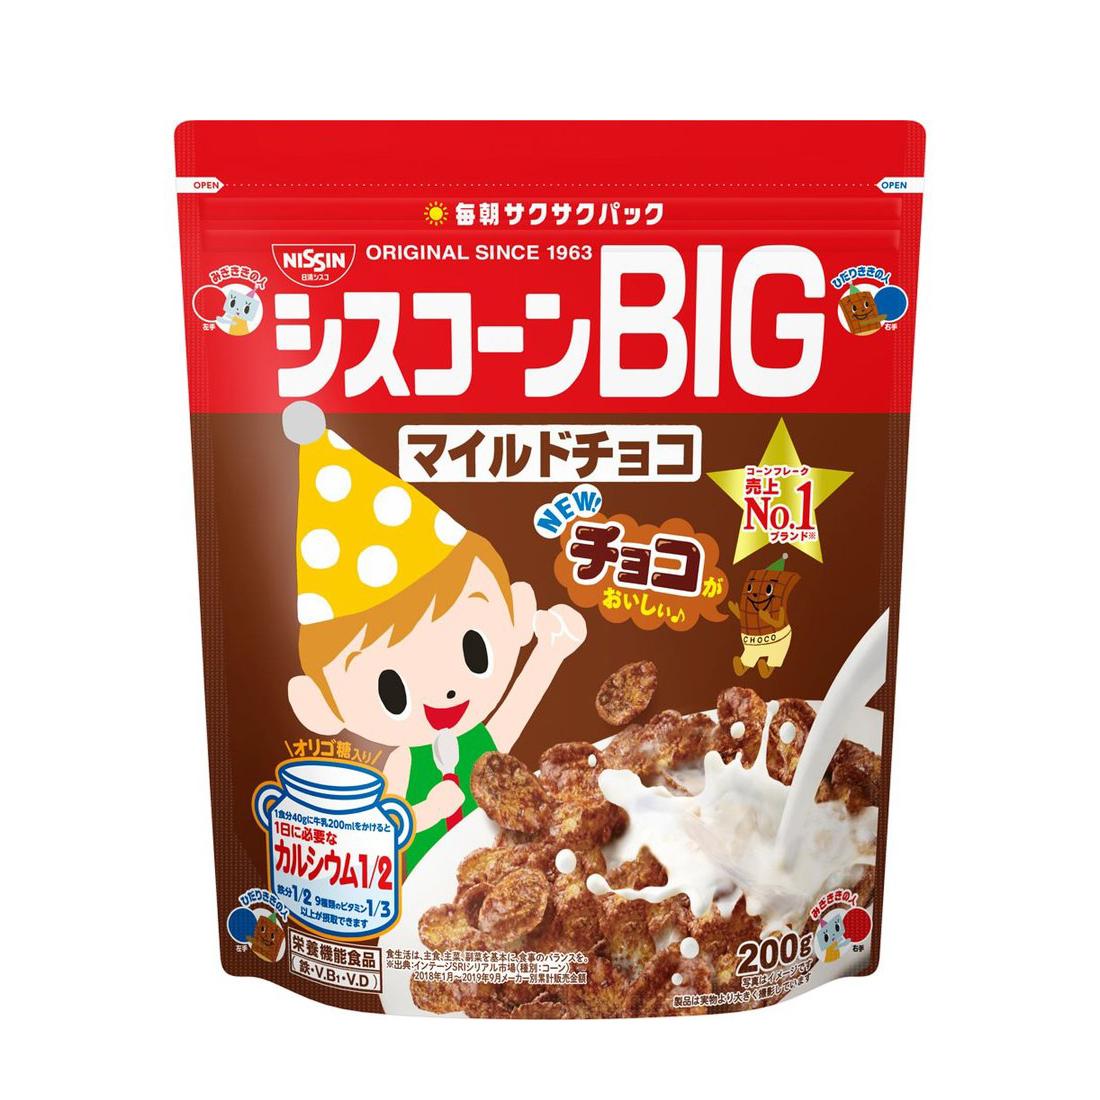 Ngũ cốc giòn ăn liền Ciscorn BIG Mild Chocolte 200g - Hàng Nhật nội địa